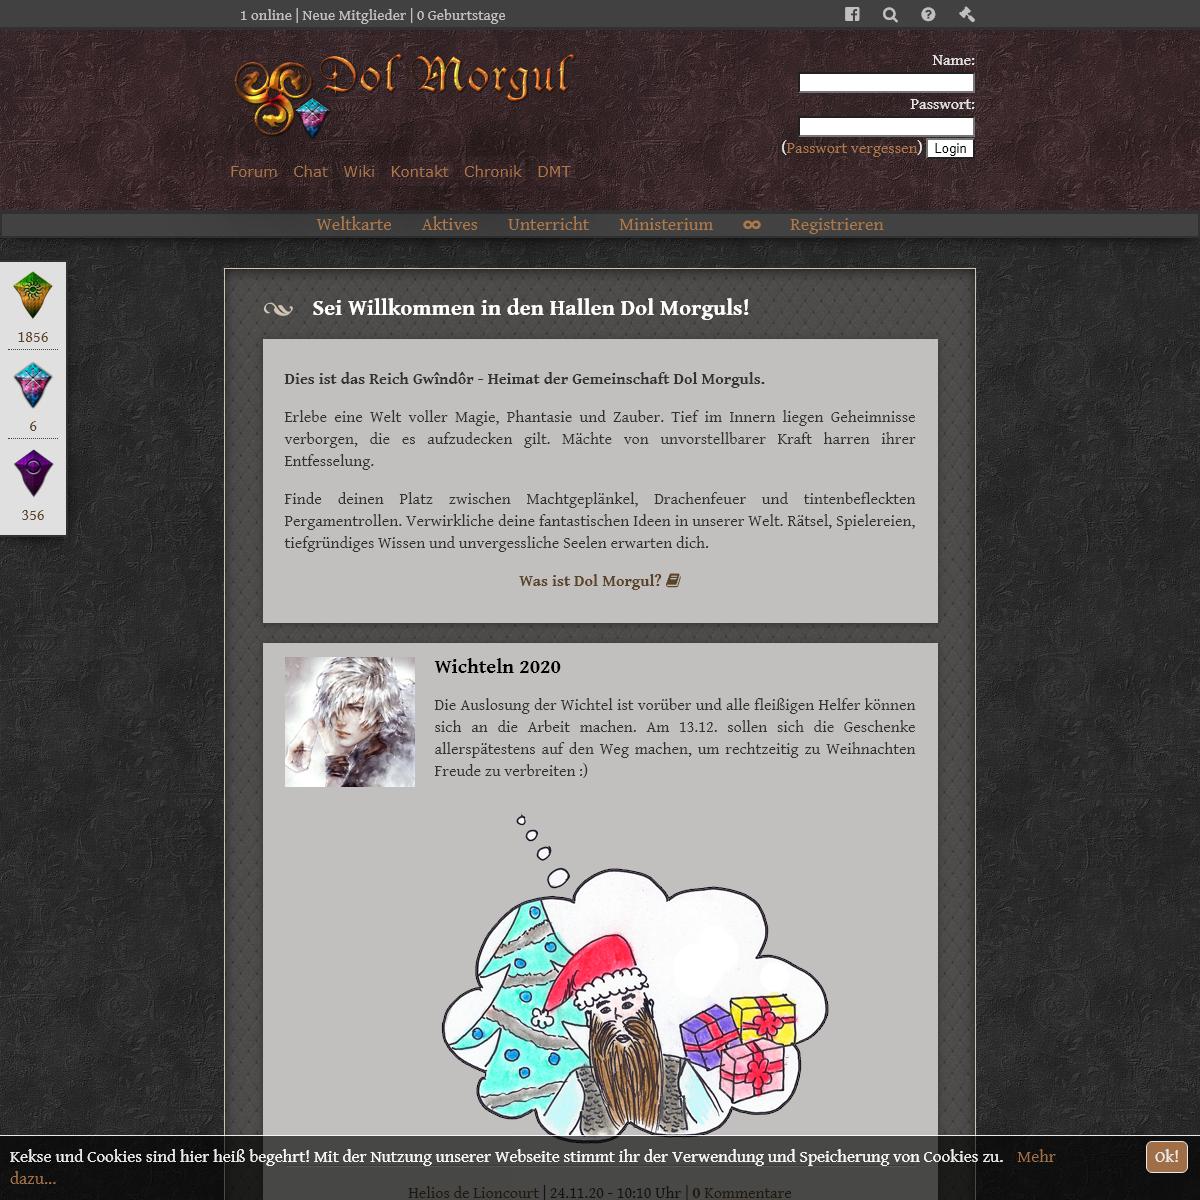 Dol Morgul - Fantasy Rollenspiel